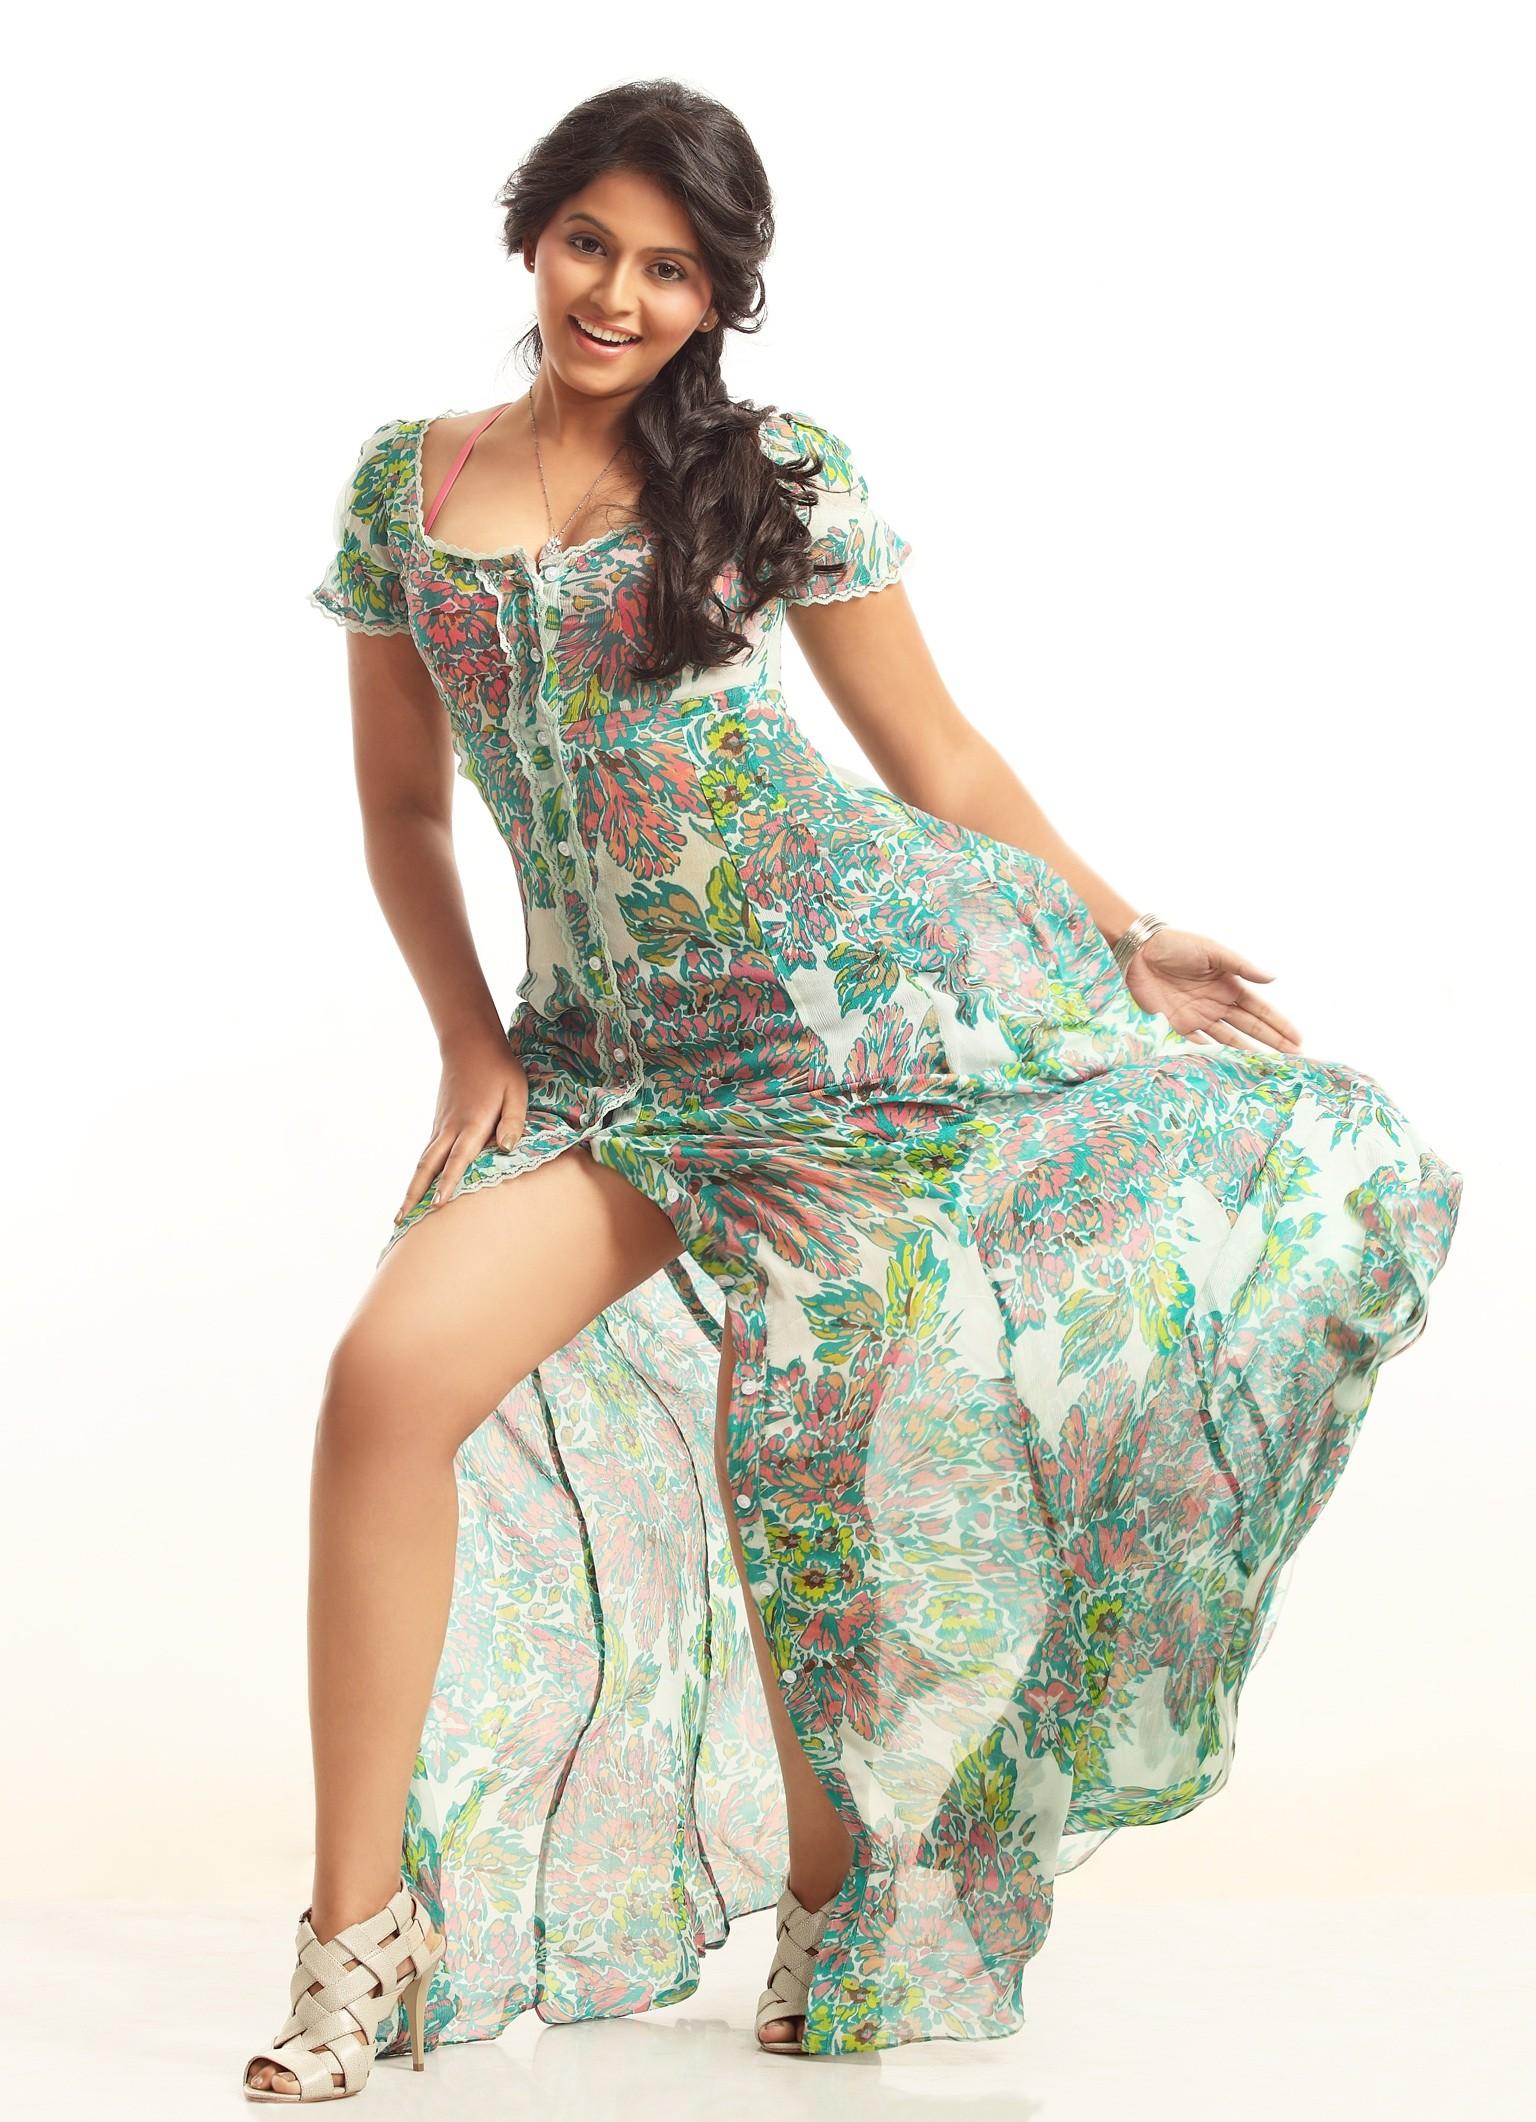 Anjali Hot  Sexy Actress Photos, Images-3515